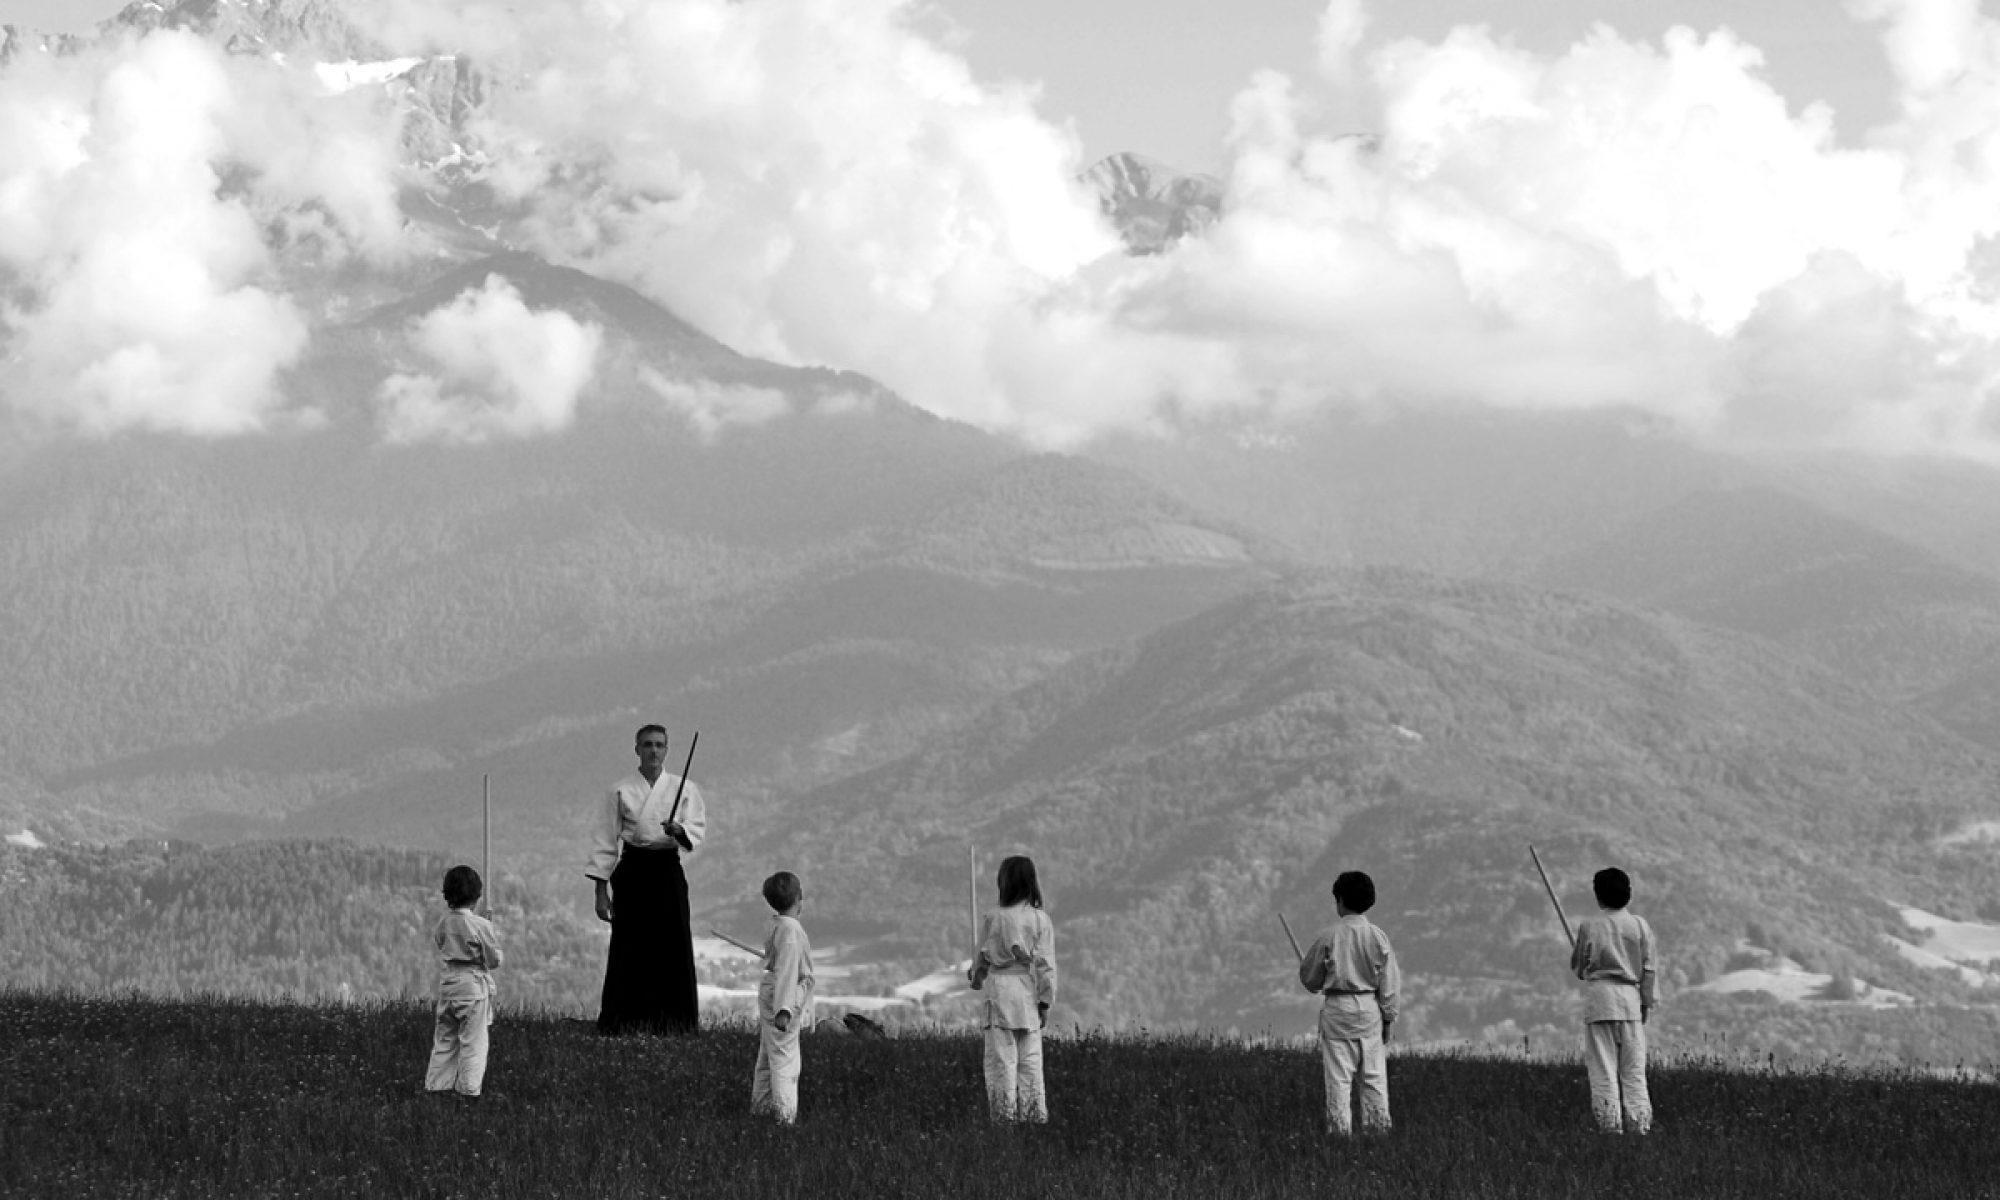 ARADS - Académie Régionale d'Aikido en Dauphiné et Savoie